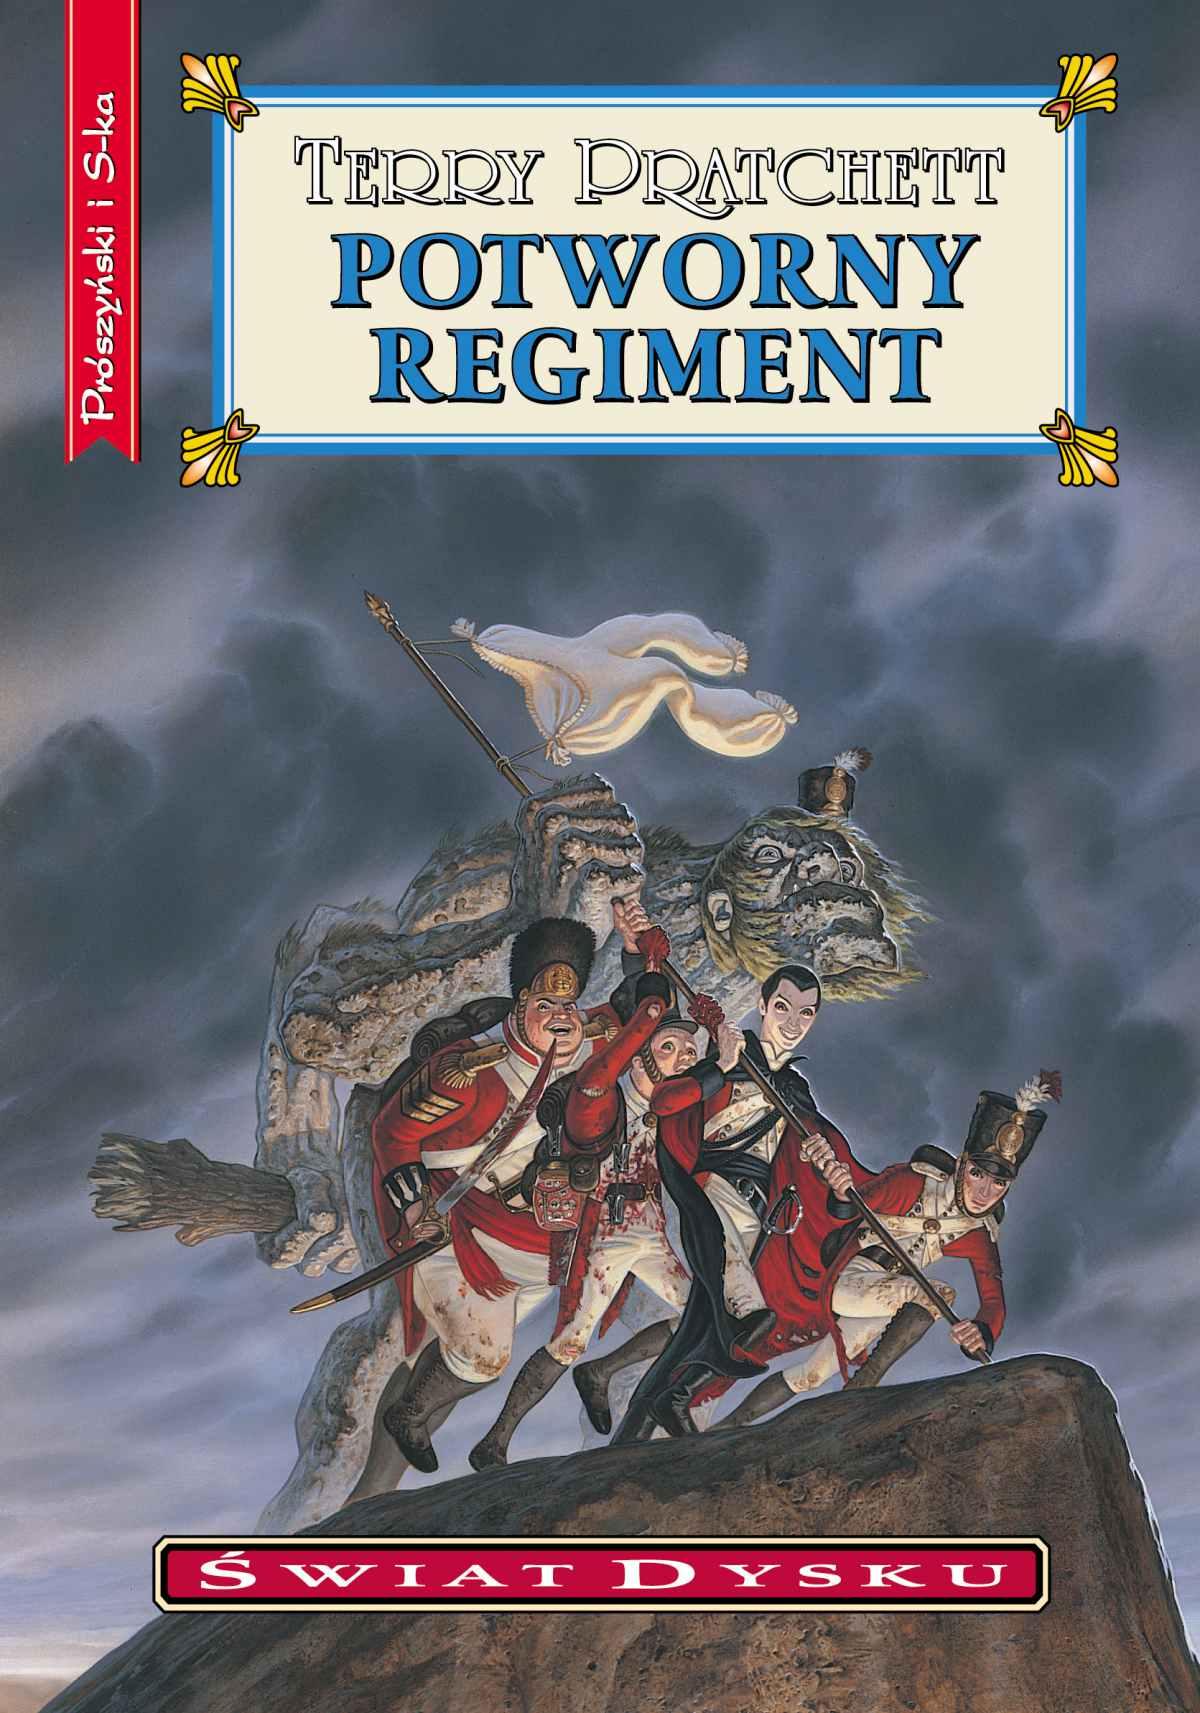 Potworny regiment - Ebook (Książka EPUB) do pobrania w formacie EPUB